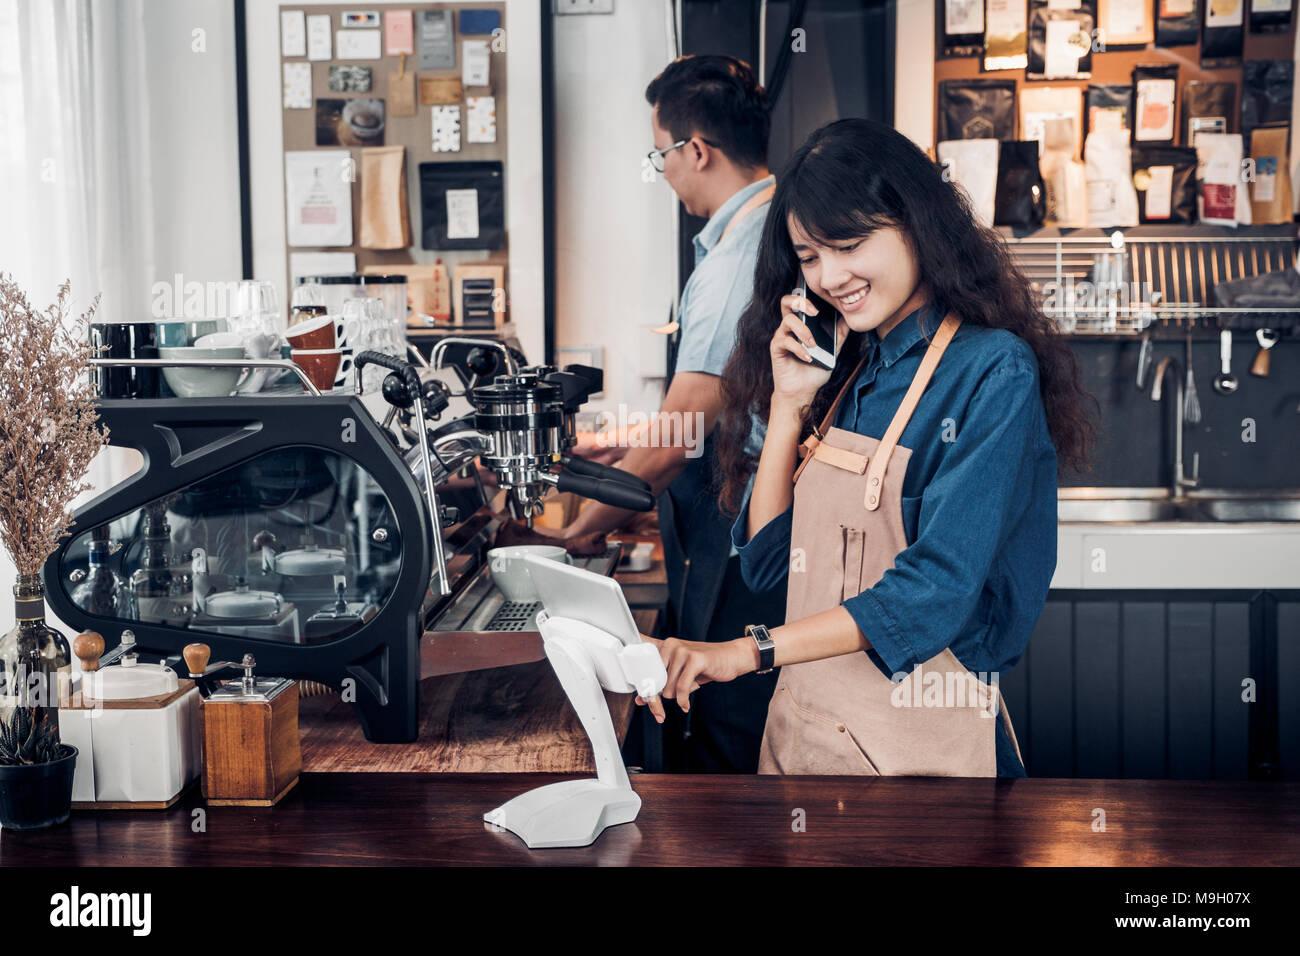 The 12 Commandments of Asian Business Etiquette